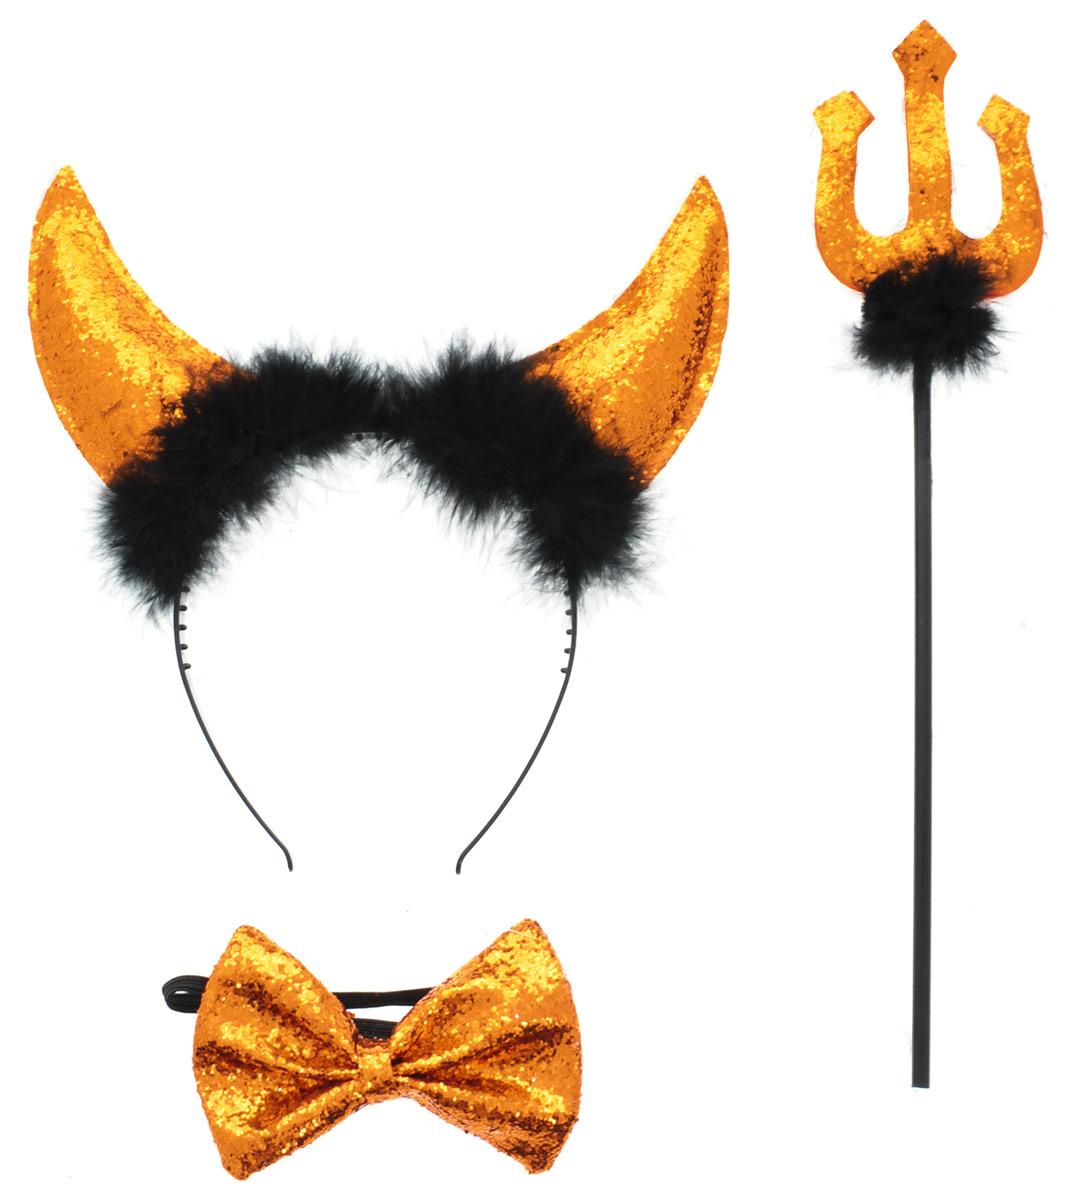 Partymania Ободок Рожки чертика с трезубцем и бабочкой цвет оранжевыйT1204_золотистыйОбодок Partymania Рожки чертика с трезубцем и бабочкой подойдет для карнавалов, праздников и любых торжеств. Набор включает в себя ободок с рожками, бабочку и трезубец. Изделия послужат отличным дополнением к вашему карнавальному костюму и праздник станет ярким и красочным!